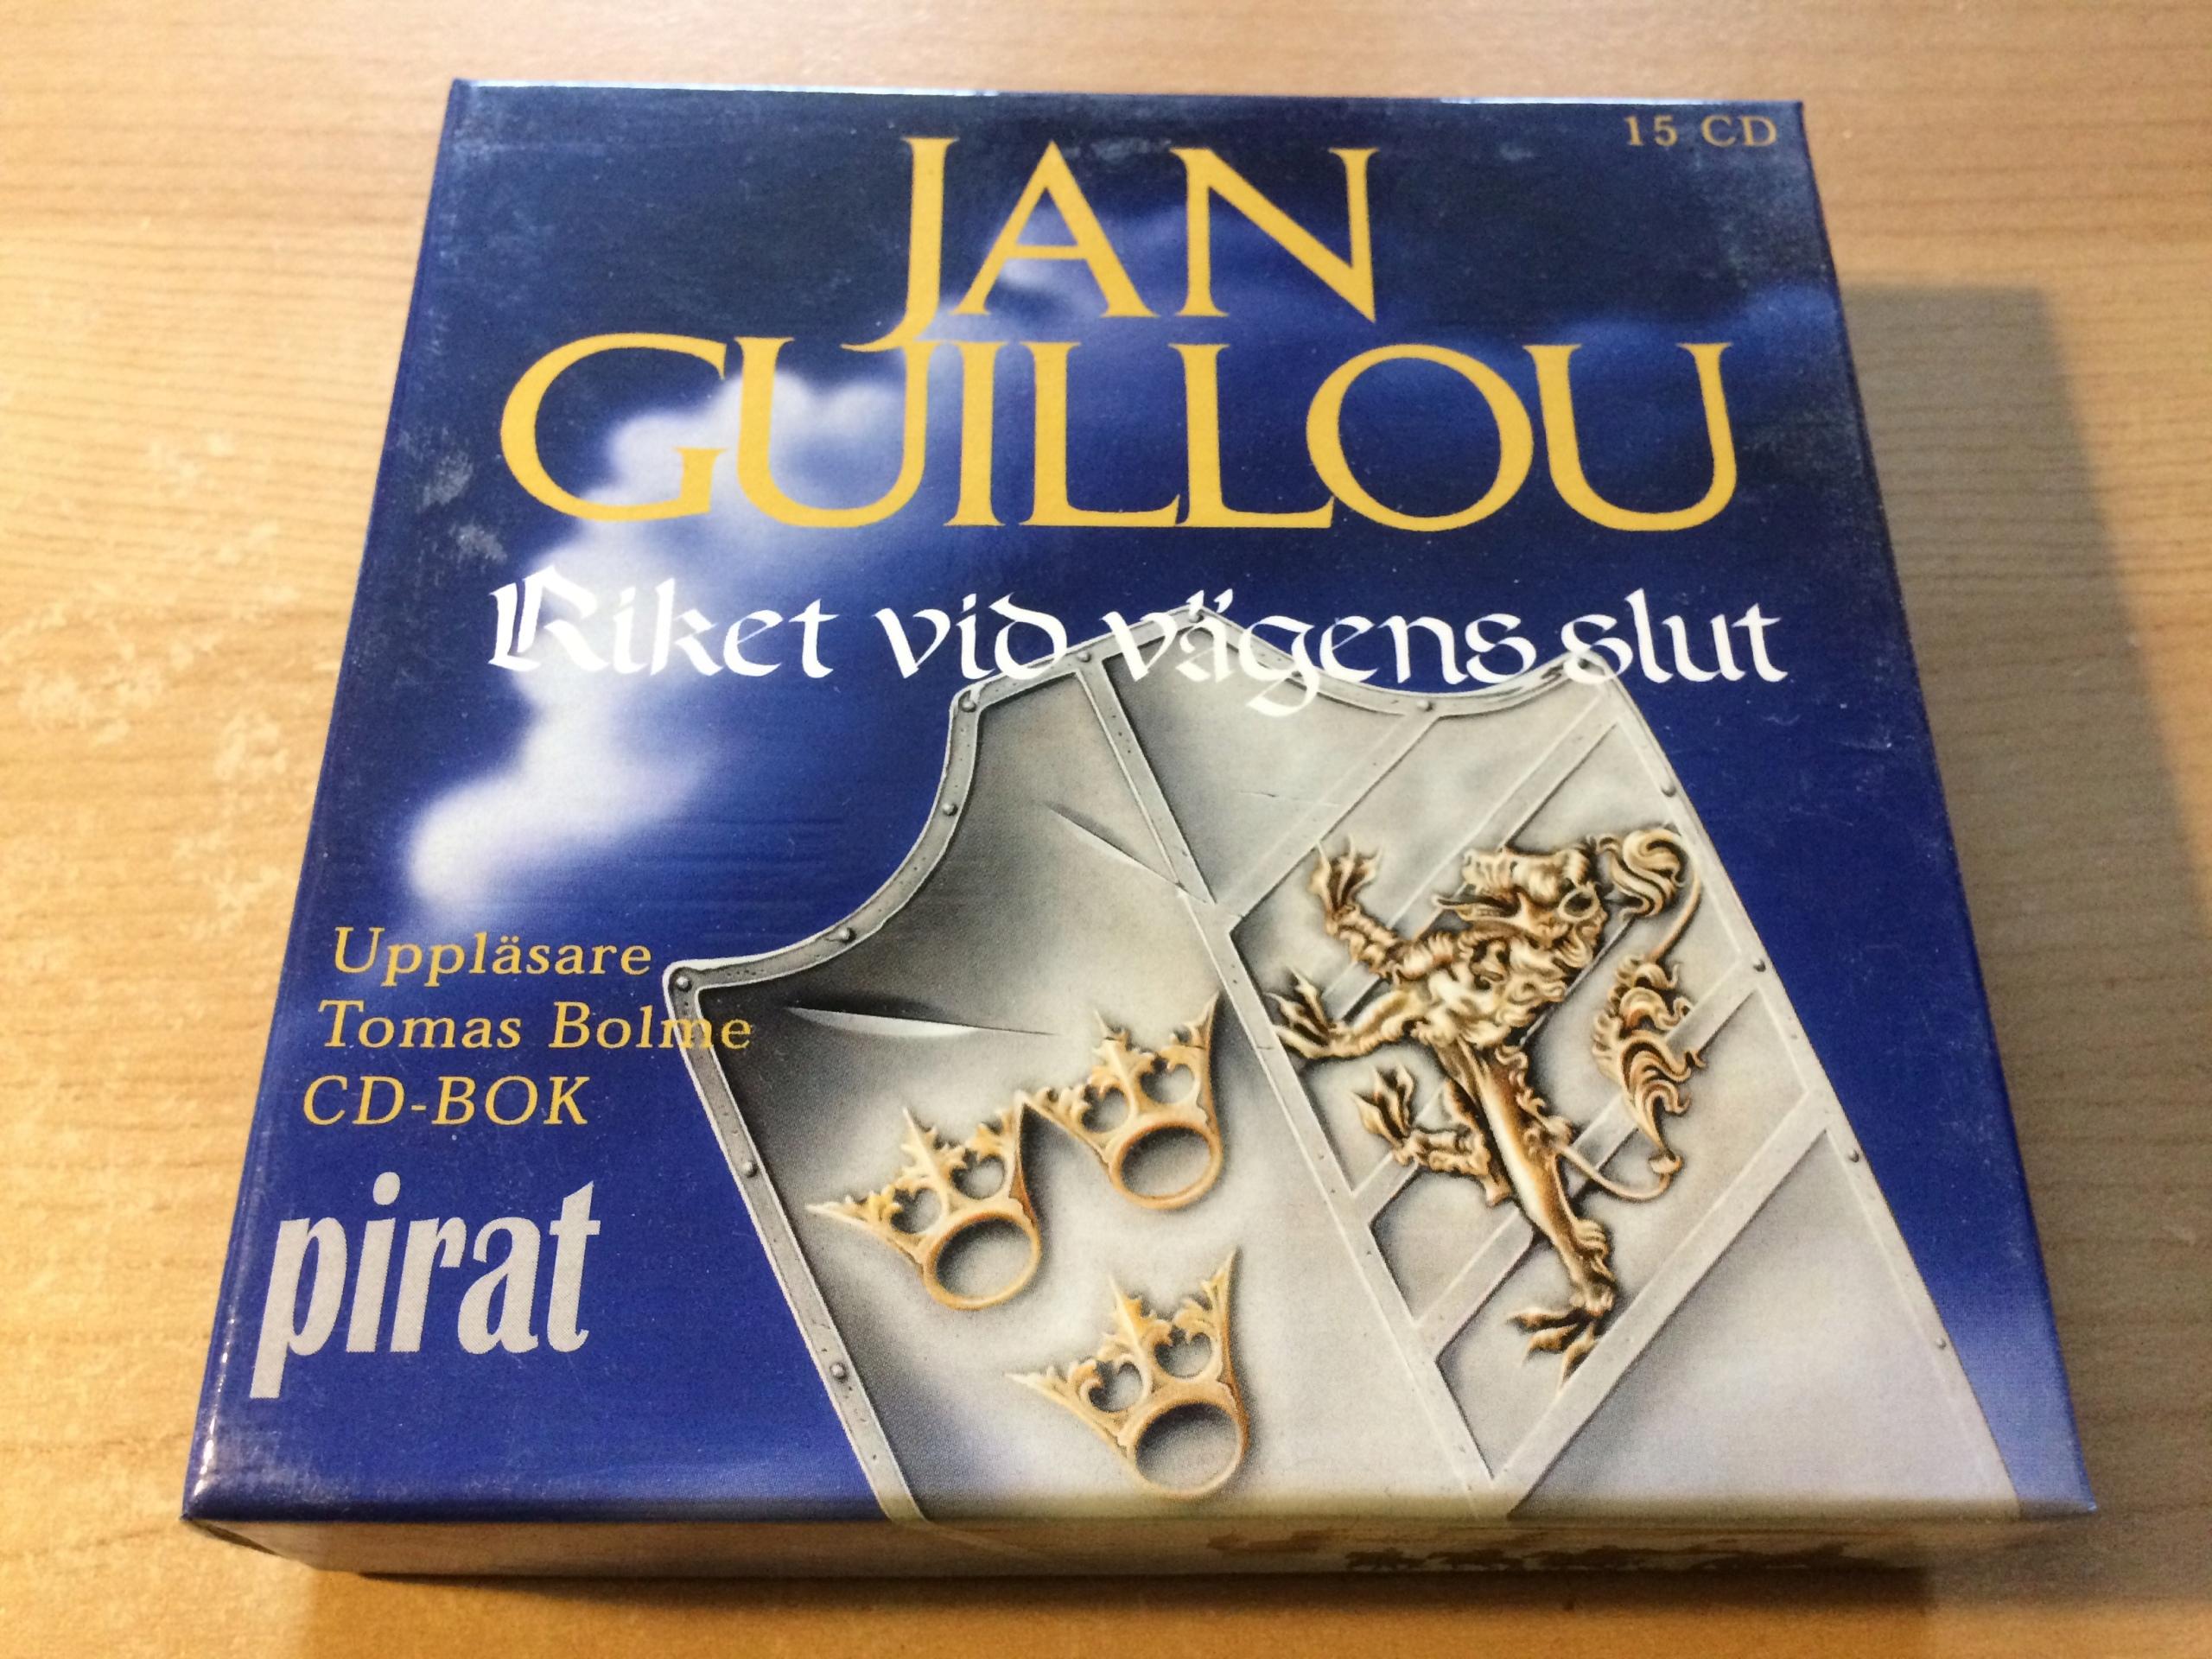 JAN GUILLOU RIKET VID VAGENS SLUT 15CD